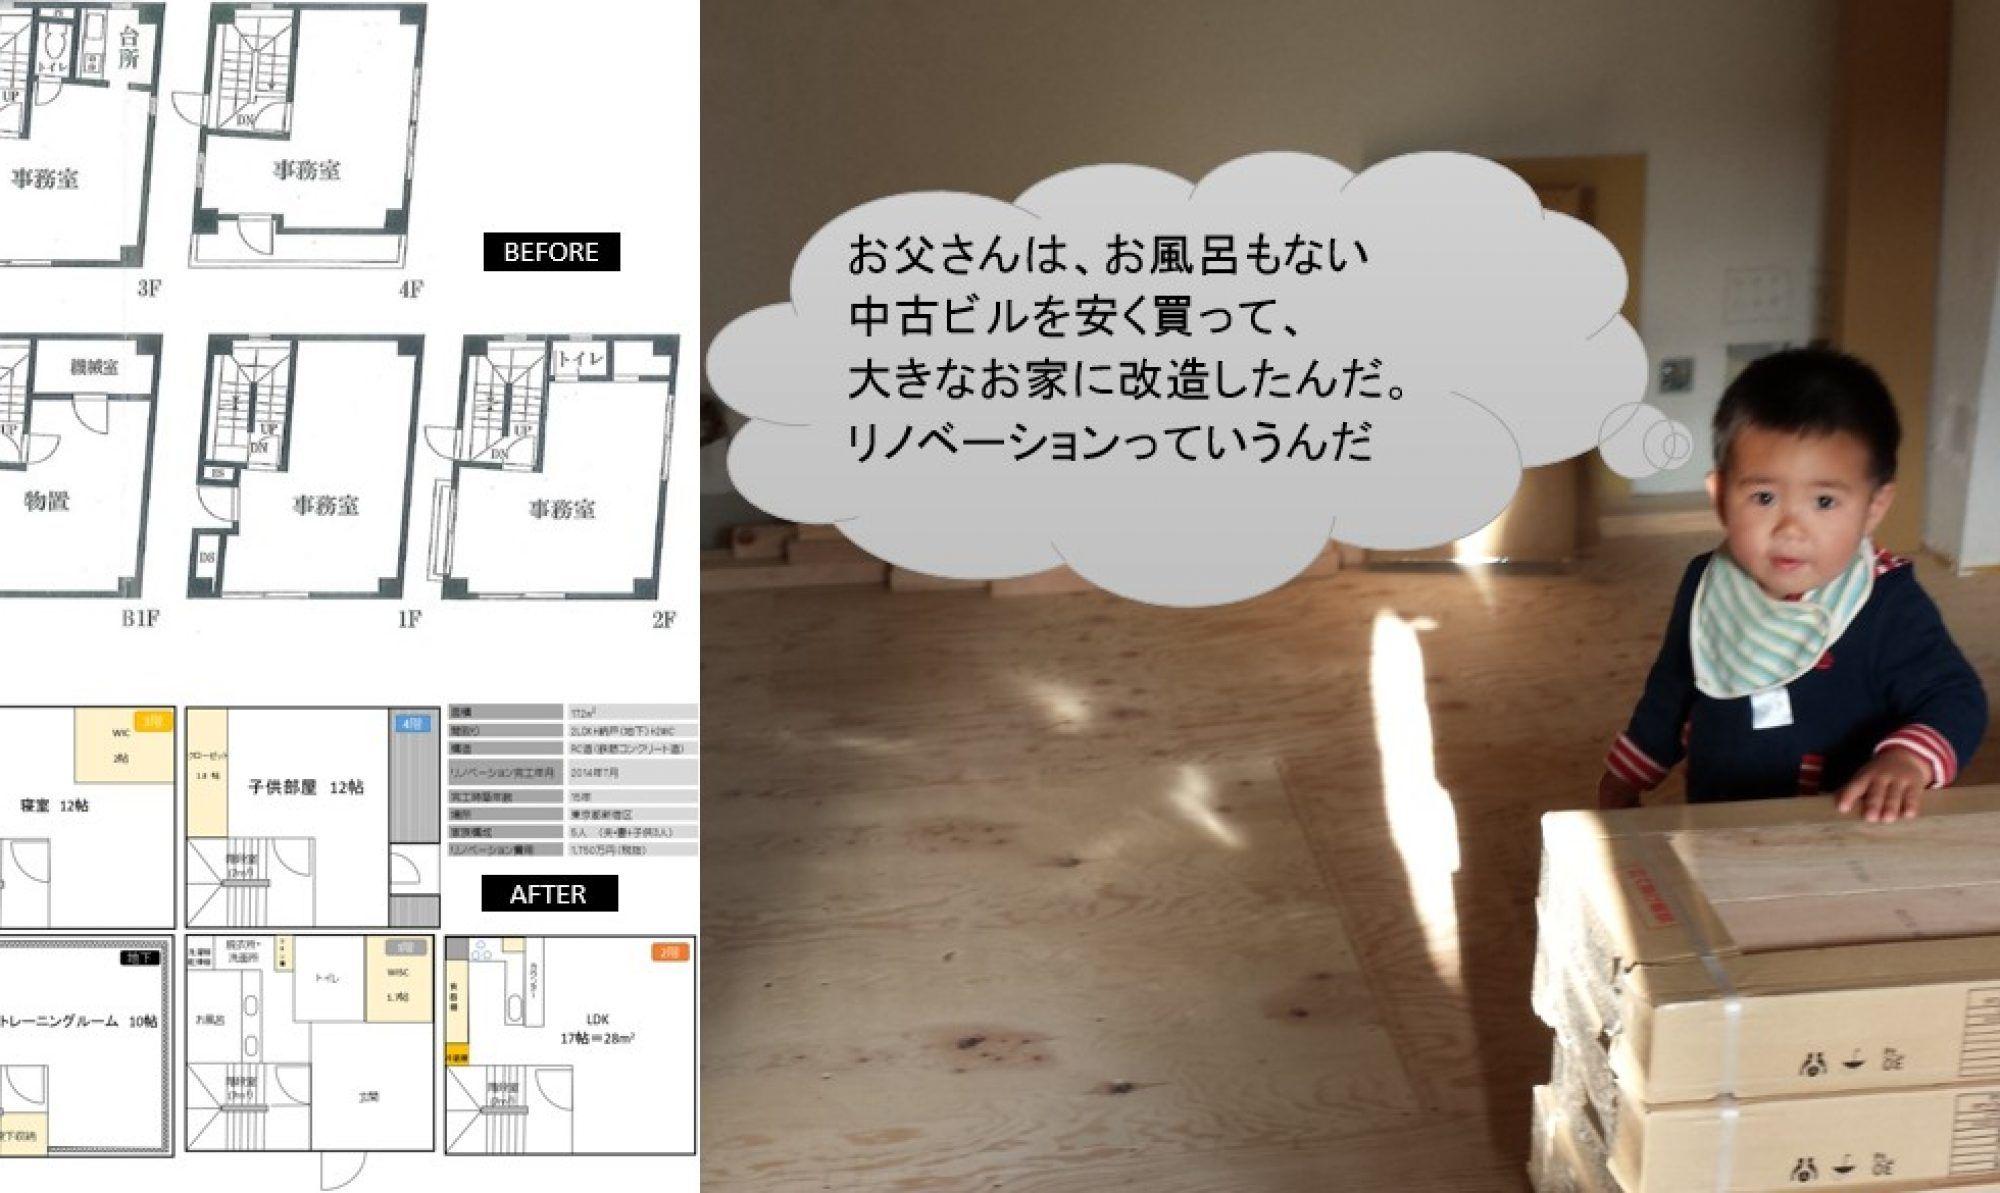 中古購入してフルリノベーション@東京の体験談ブログ~事務所ビルを住宅へコンバージョン~